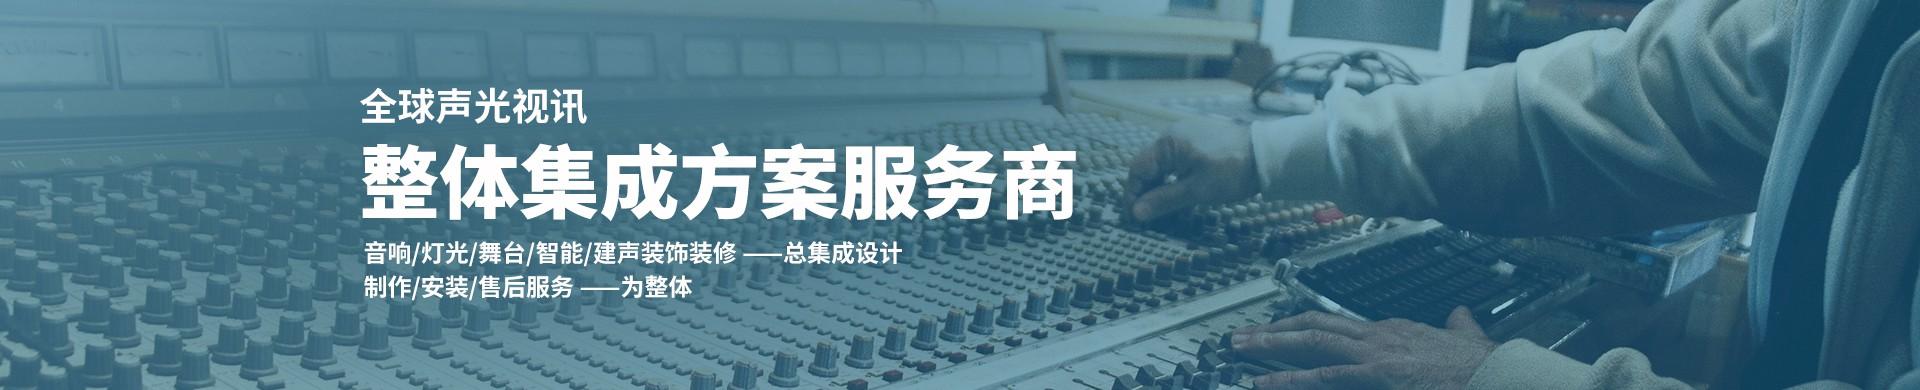 卓邦音響整體集成方案服務商